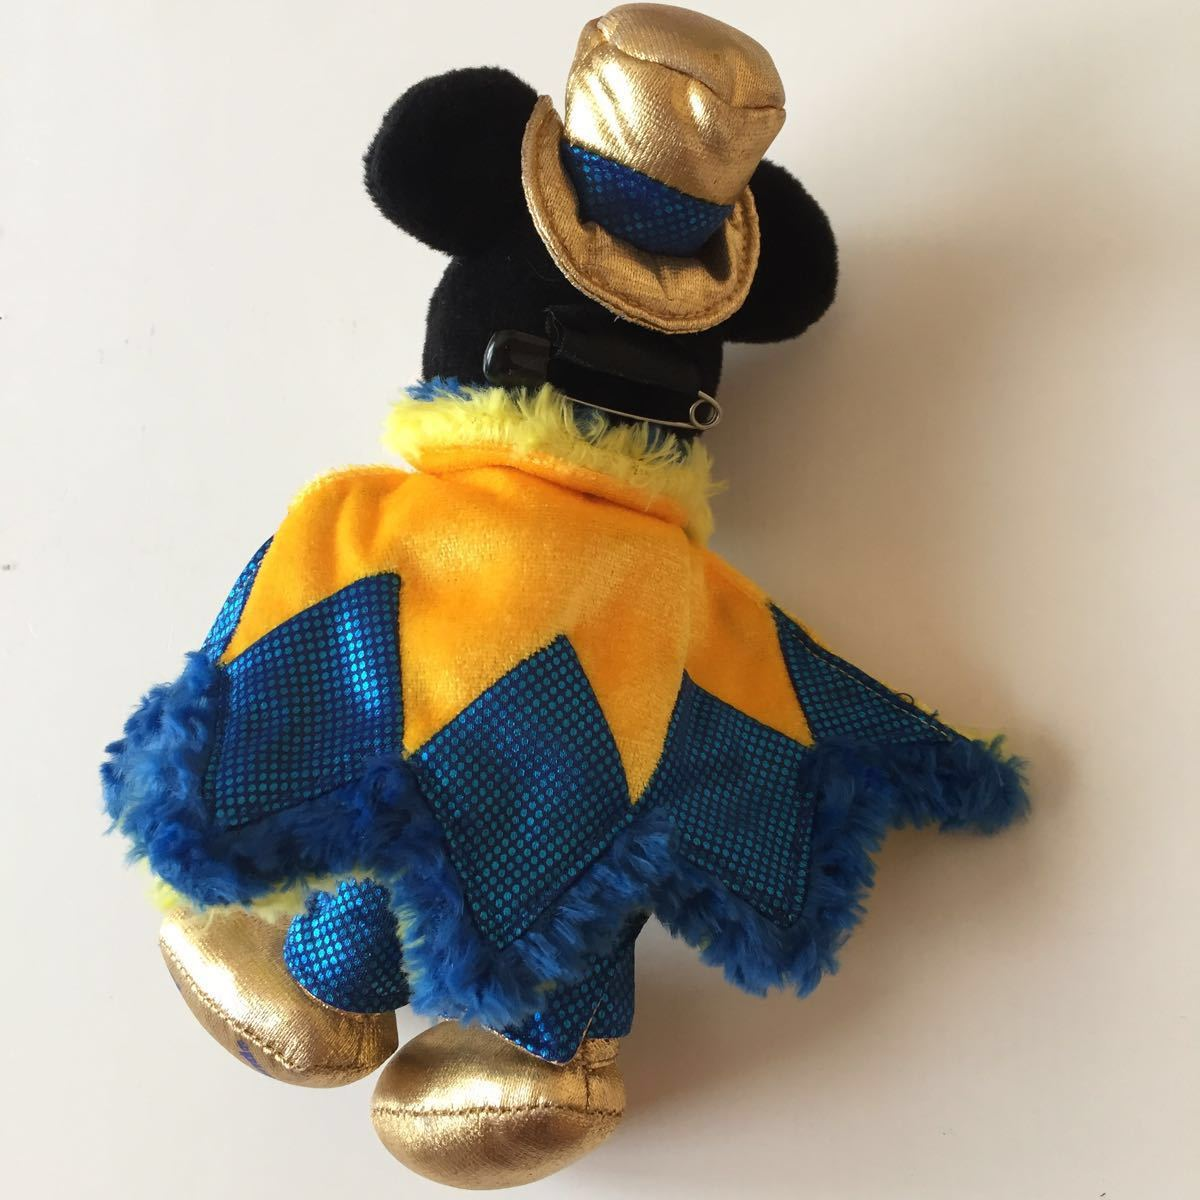 2007 カウントダウンパーティー ぬいぐるみバッジ ぬいば ミッキーマウス 東京ディズニーランド ボールチェーンキーホルダー COUNTDOWN_画像2